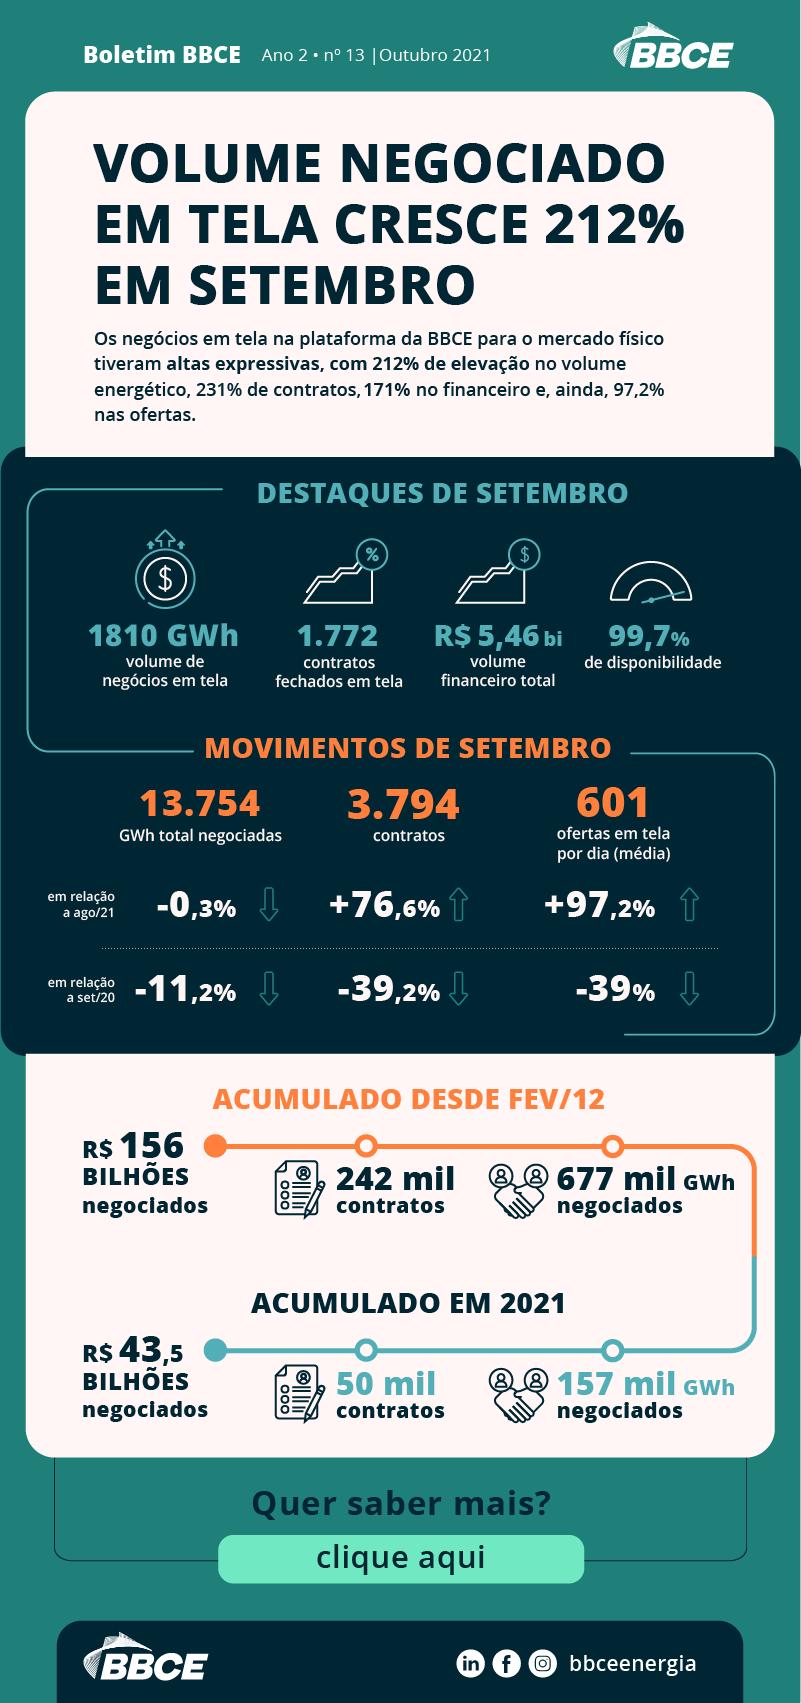 Boletim BBCE sobre o crescimento dos negócios no mercado livre de energia em setembro de 2021